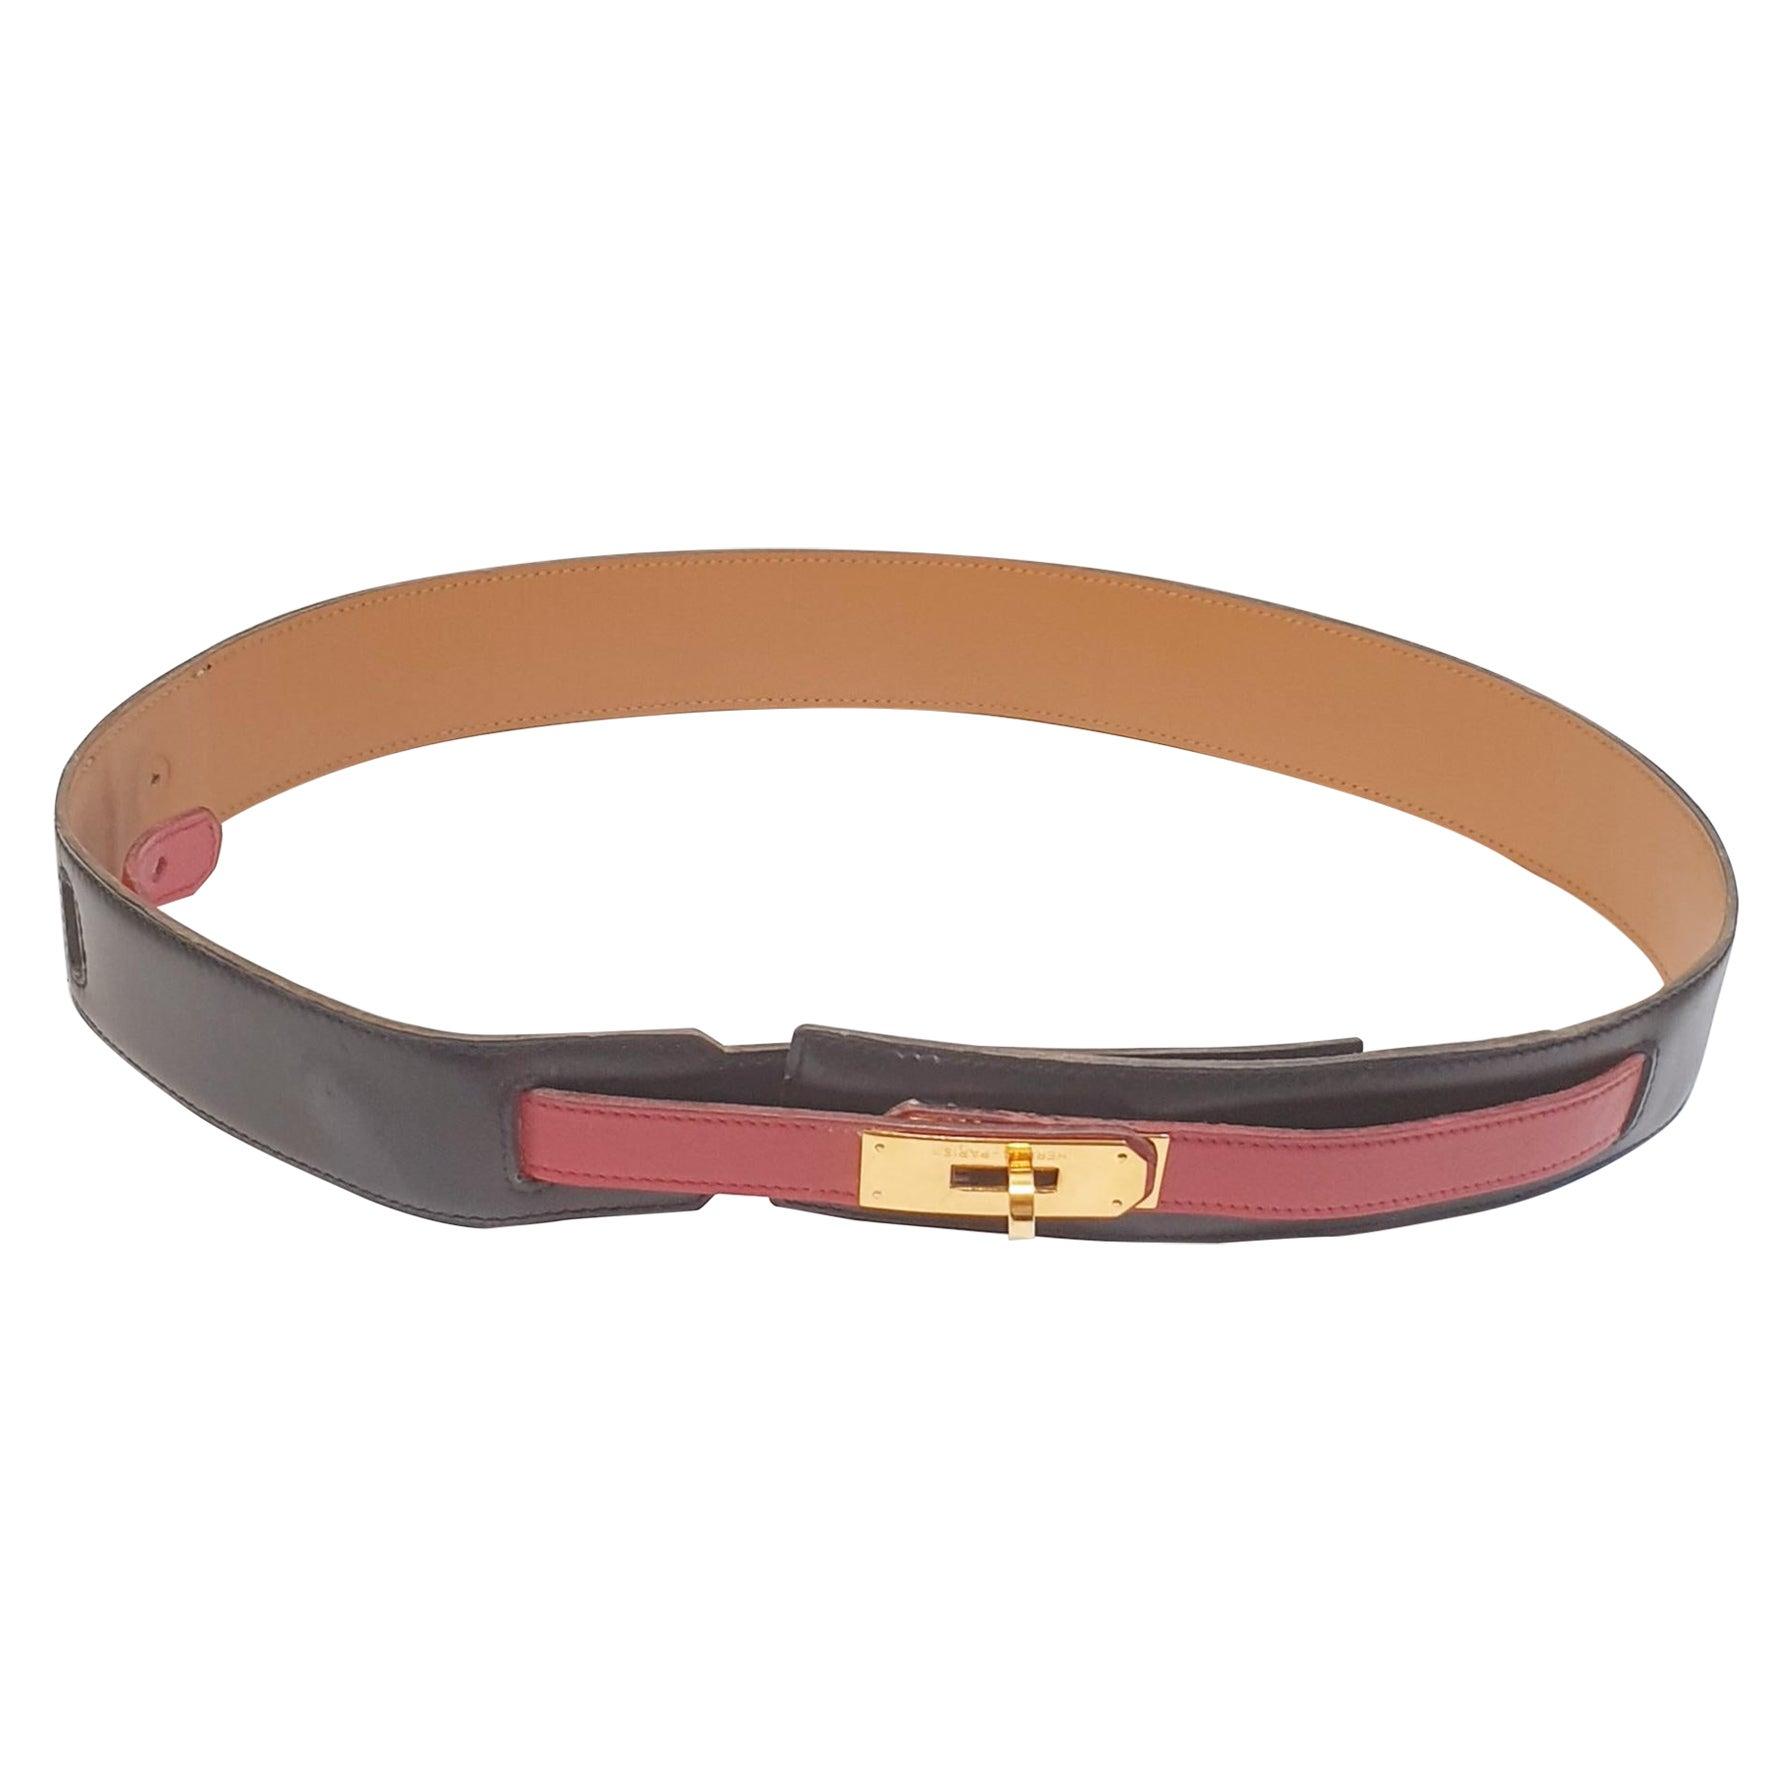 Hermes Kelly Women's Belt Black Epsom Leather Gold Hardware